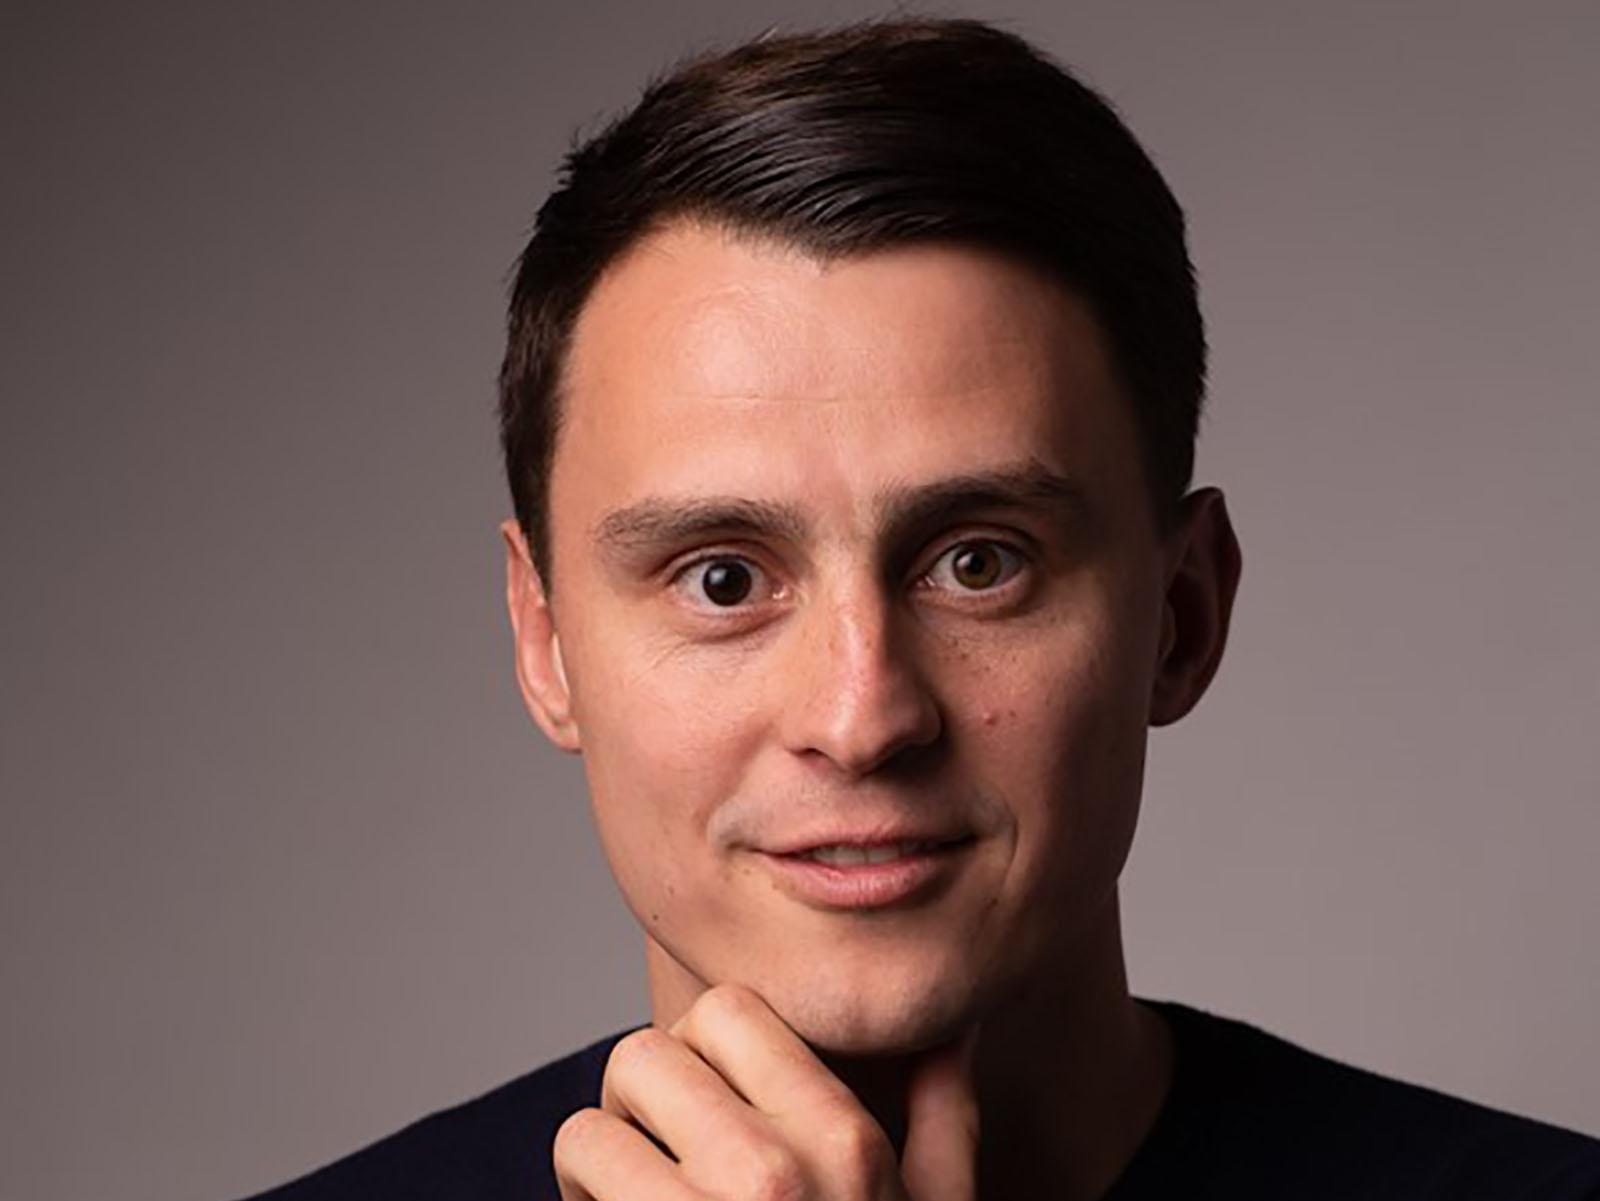 Валерий Соколов - основатель сети кафе «ЯЕМ»